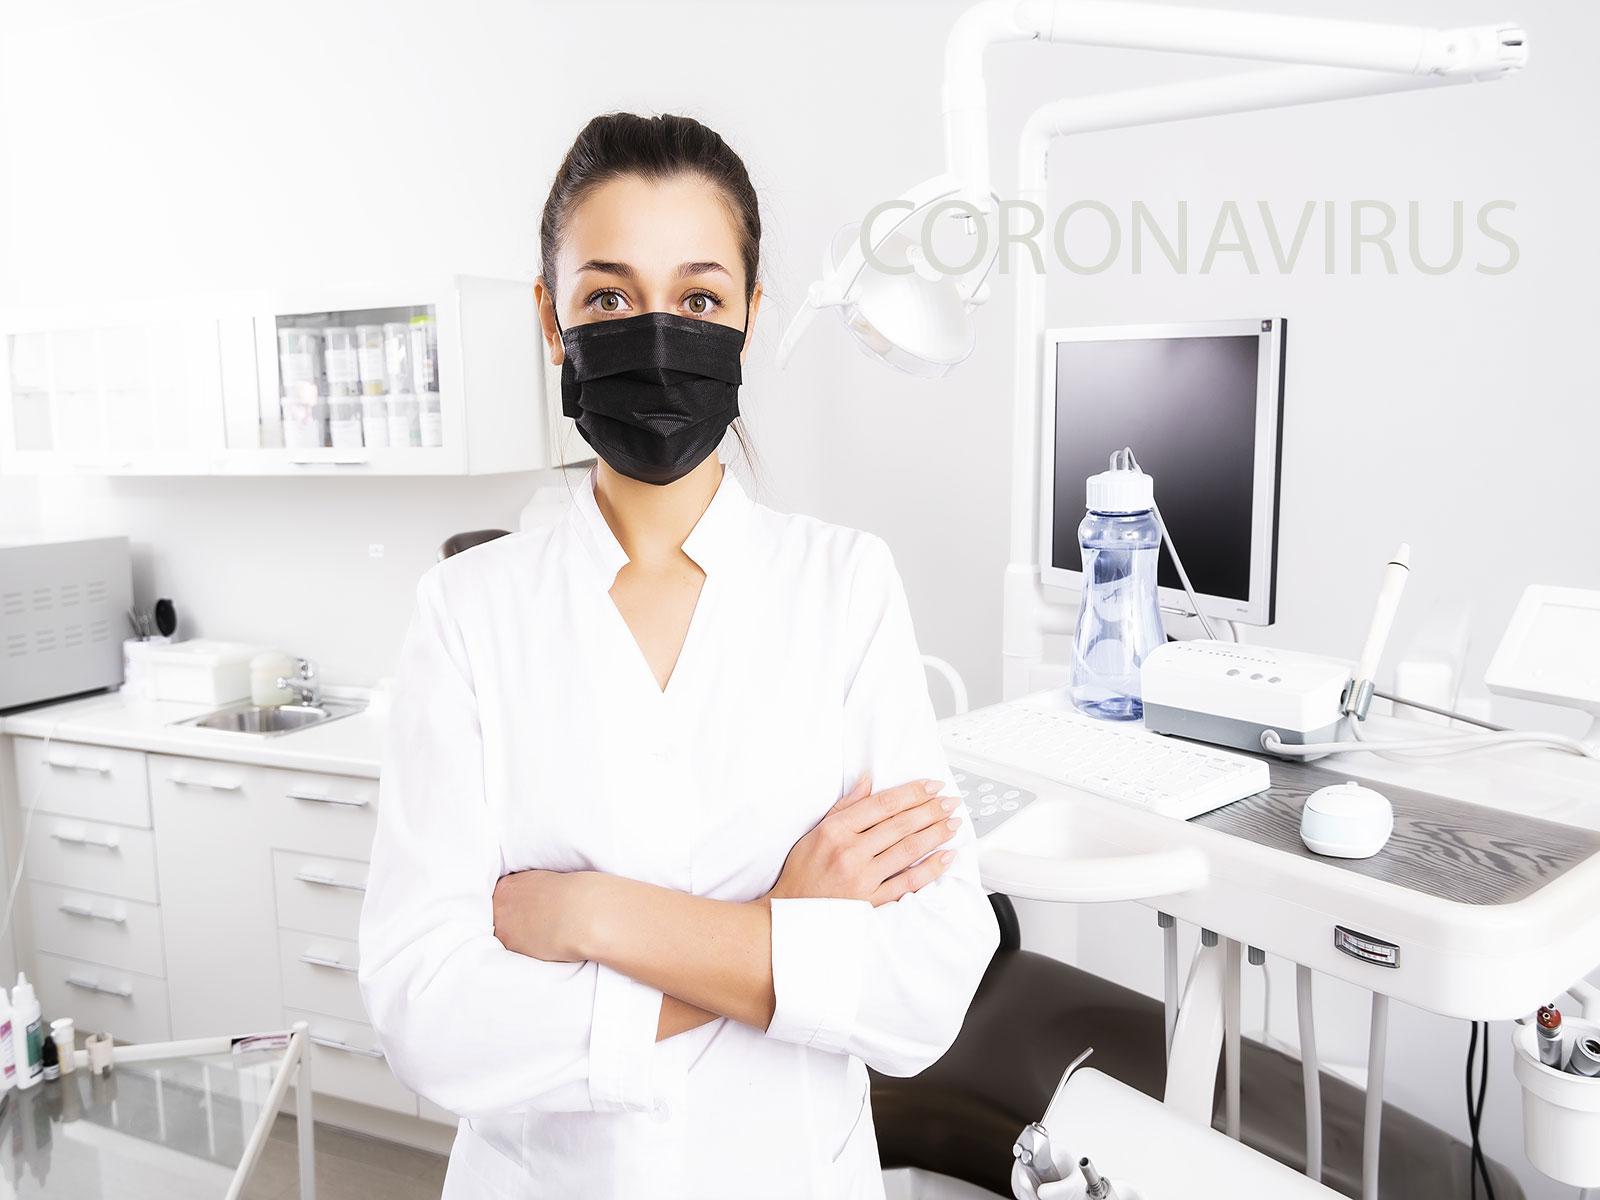 Dentista-Locarno-Coronavirus-odontoistri-operativi-solo-per-urgenze